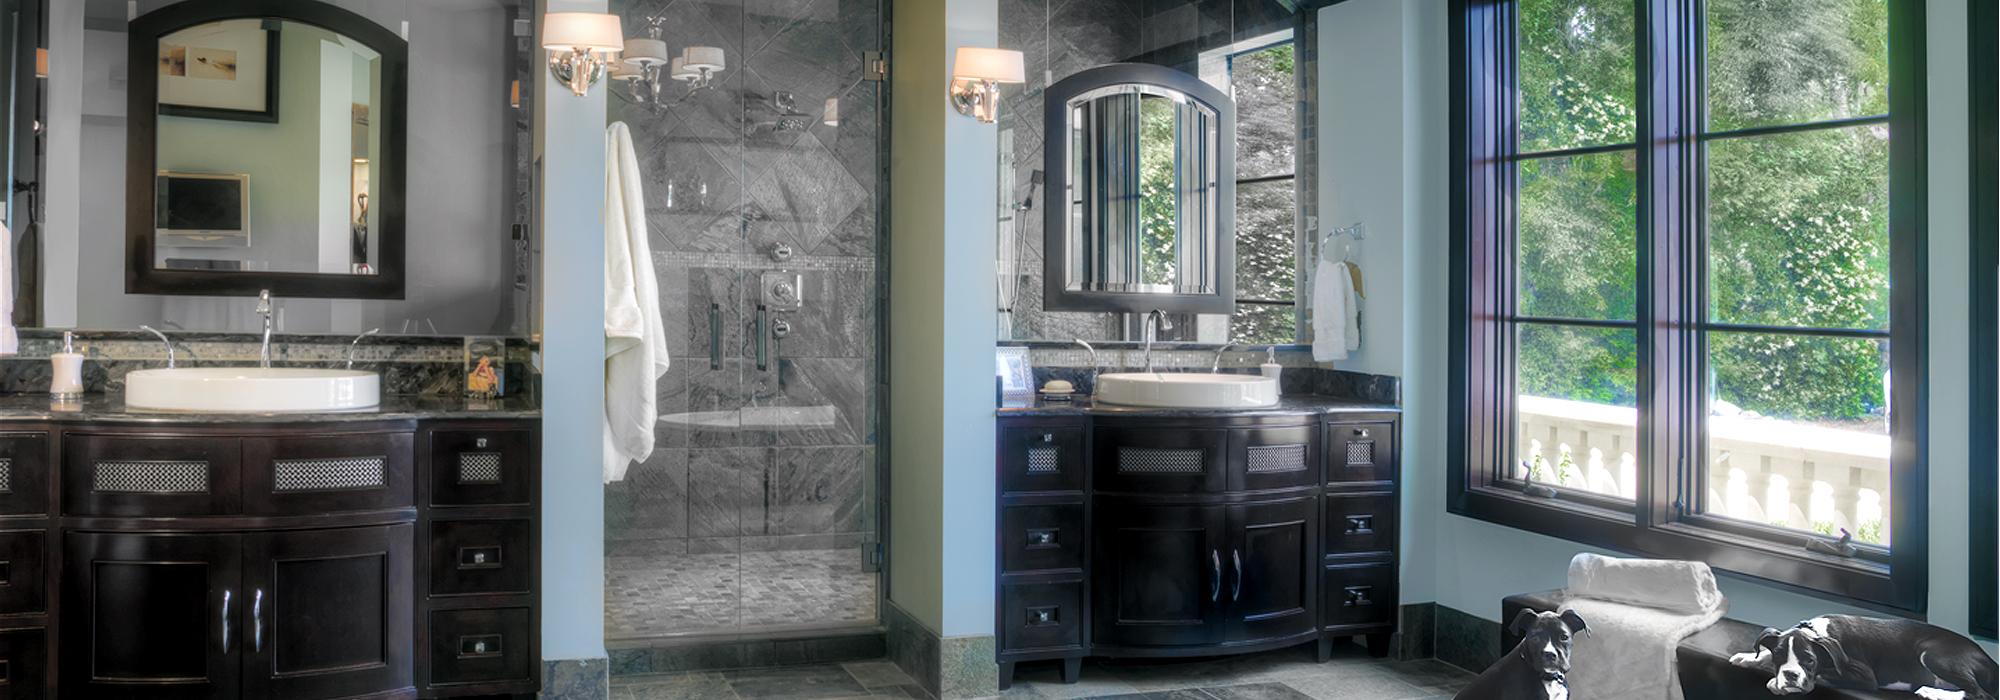 Mig Master Bath 2000x700x12